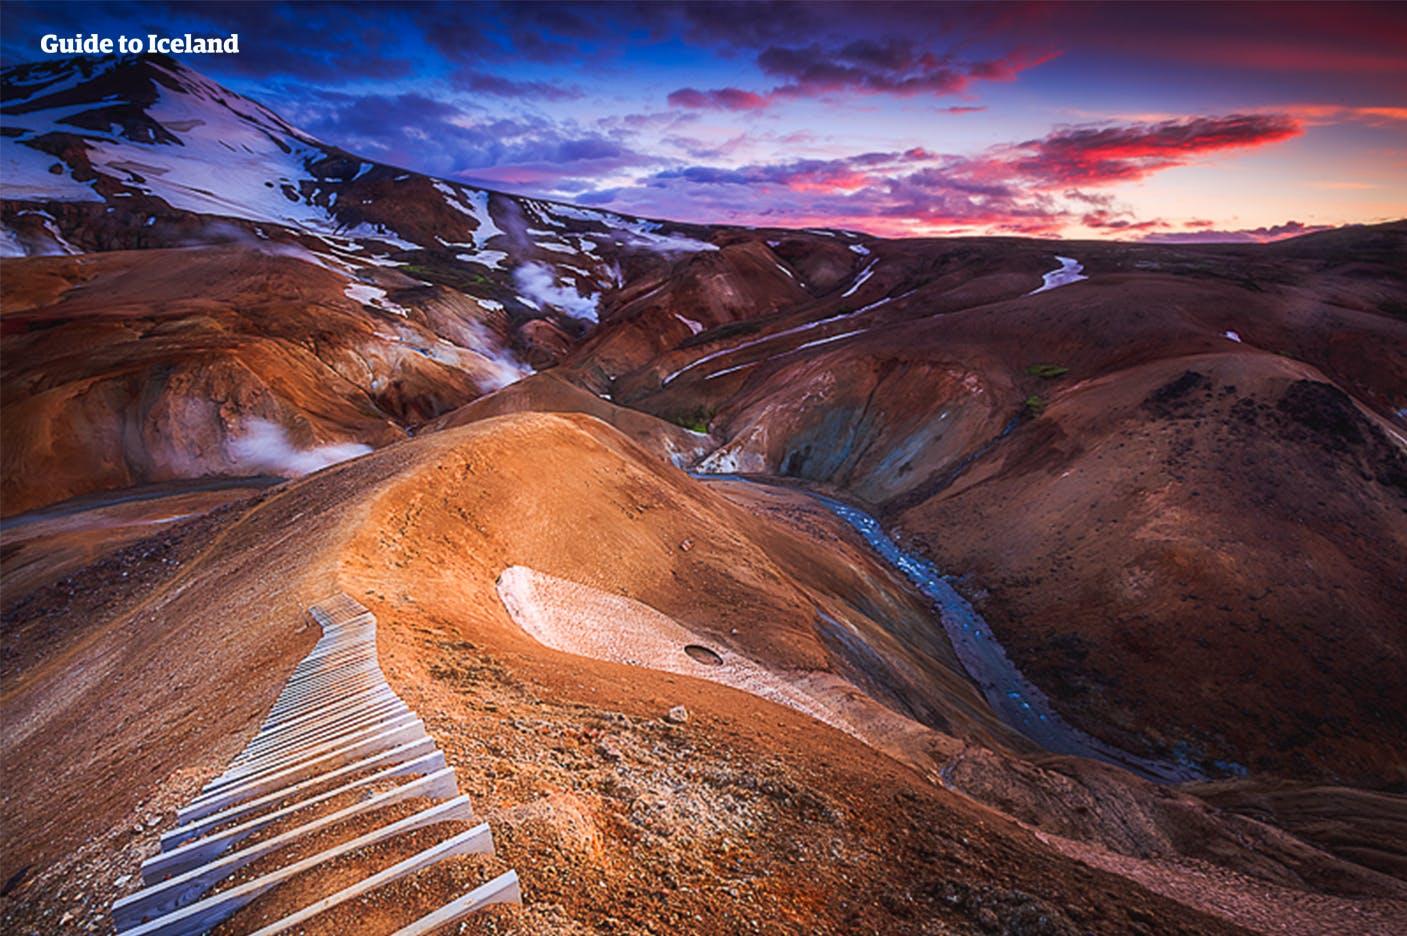 Un sentier mène à un point de vue magnifique dans les Highlands islandais.